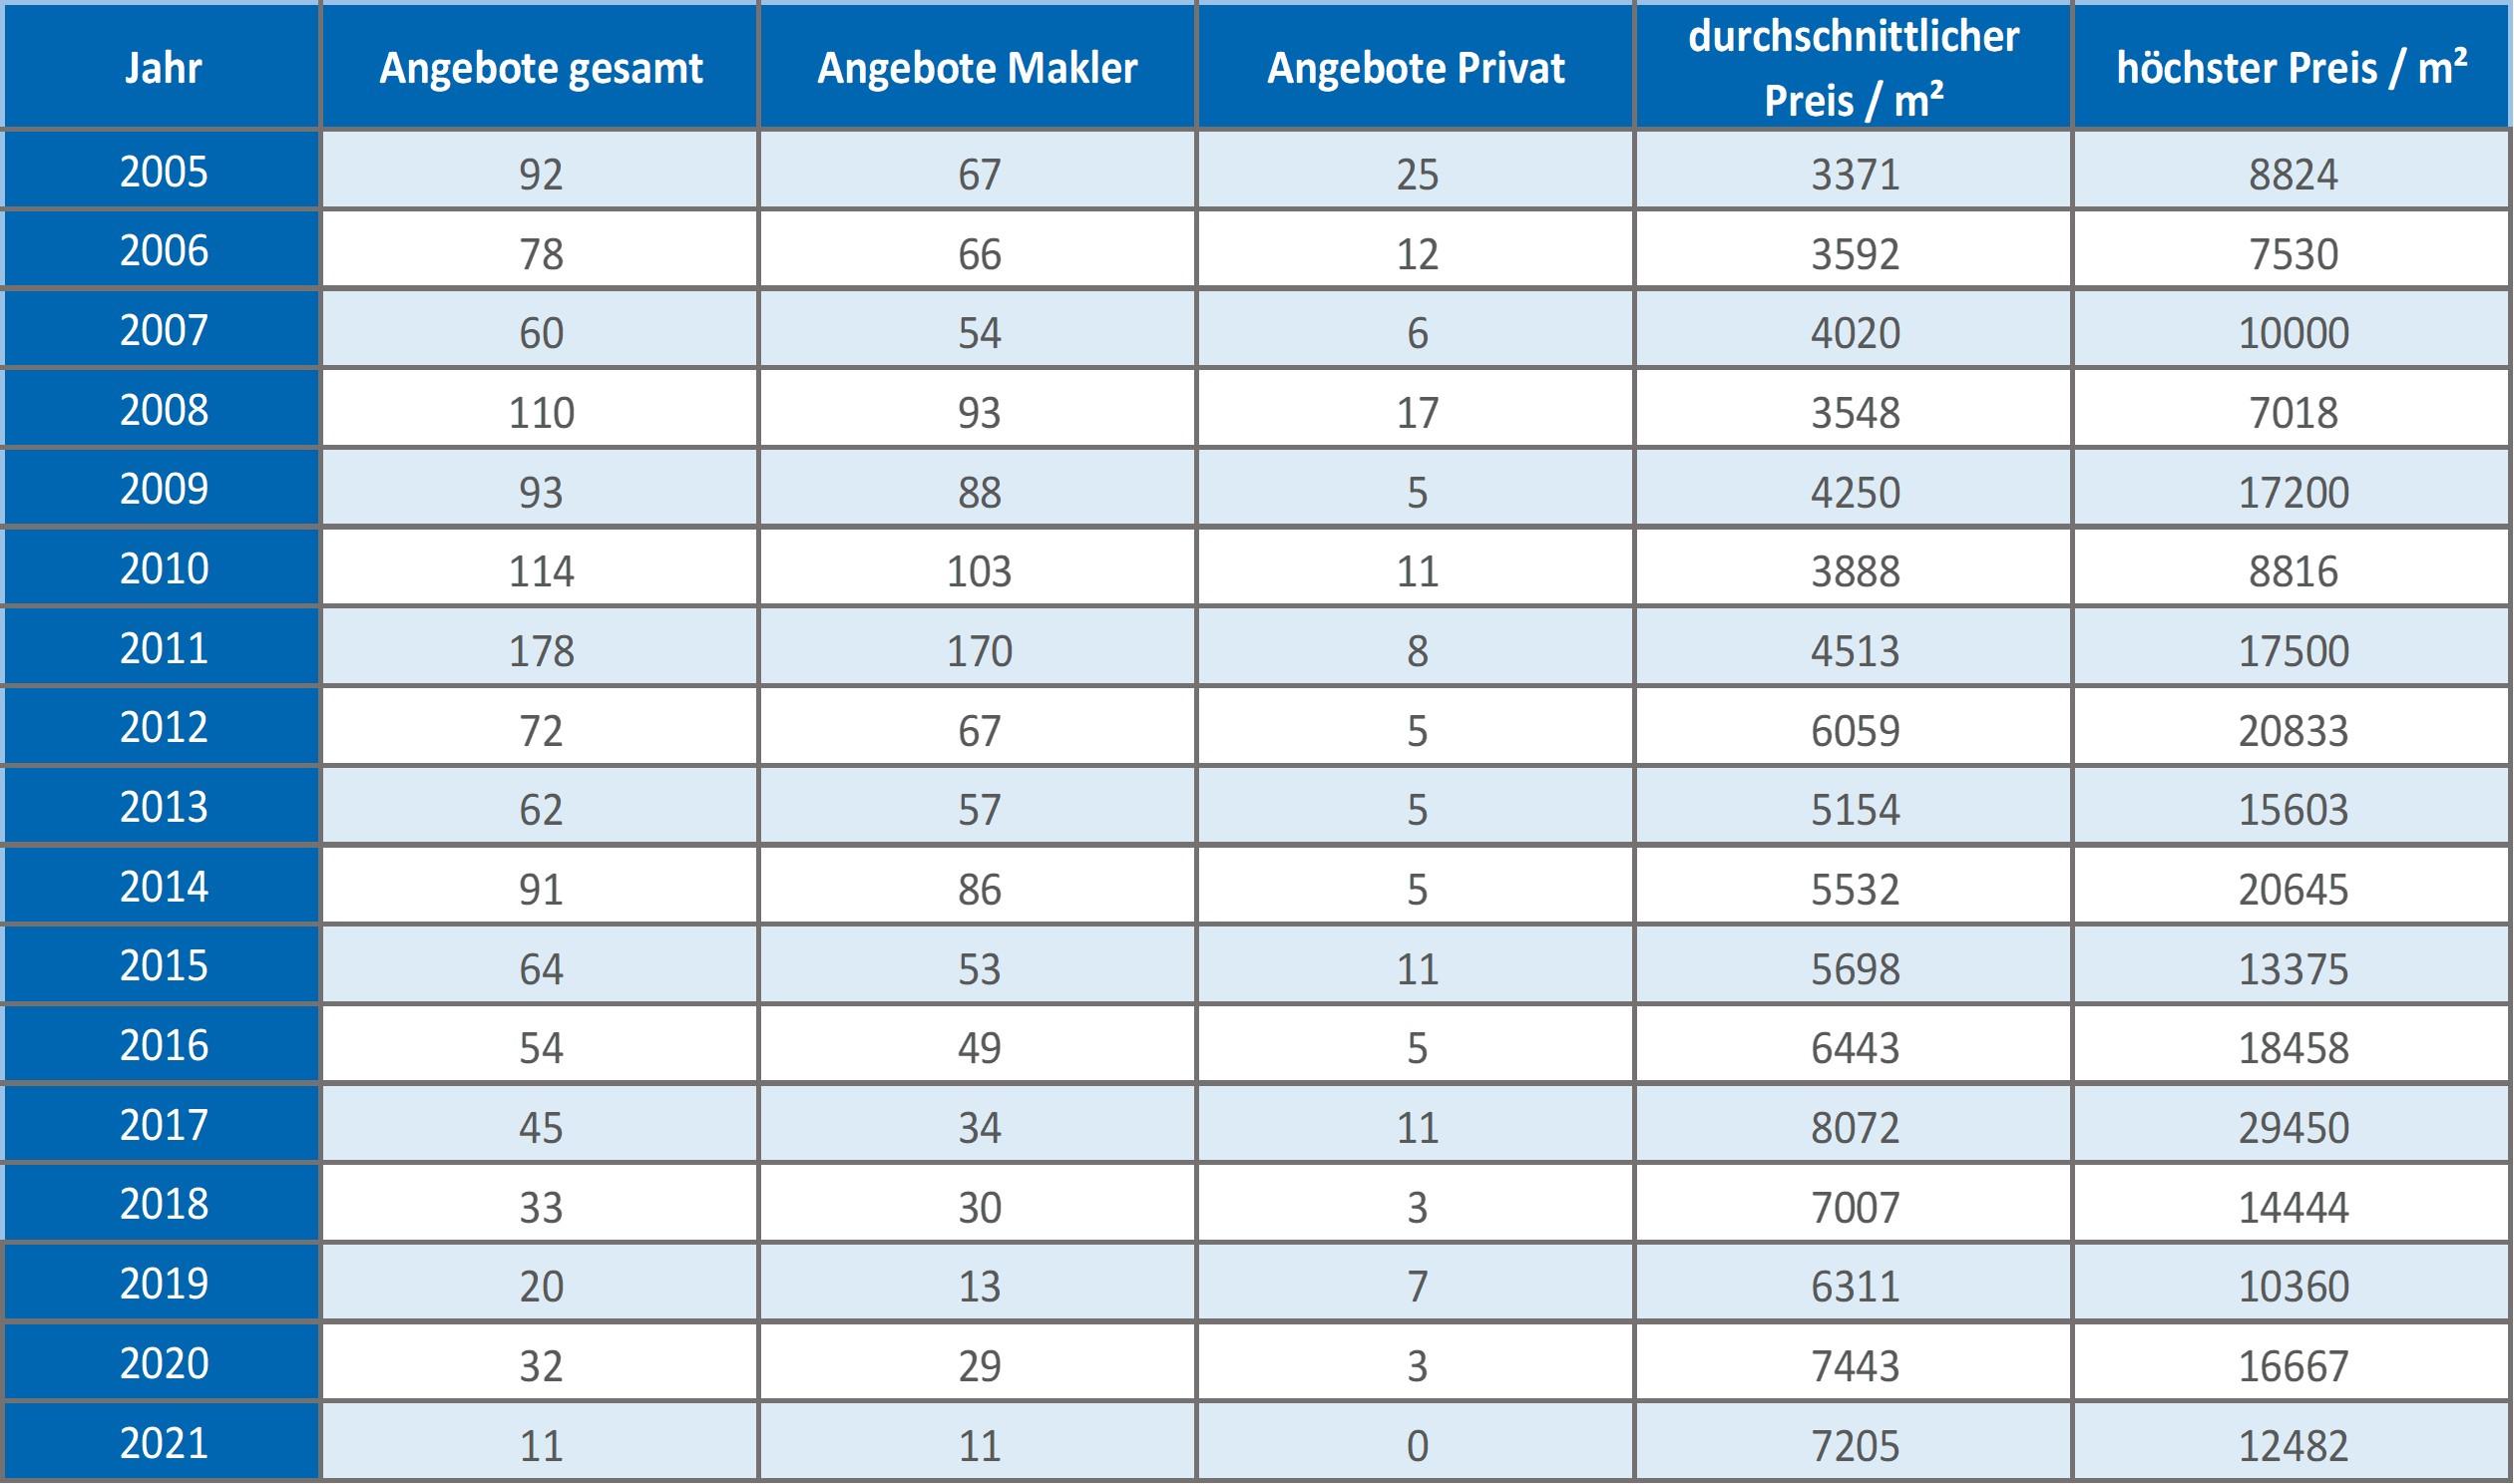 Wörthsee-Haus-kaufen-verkaufen-Makler 2019 2020 2021